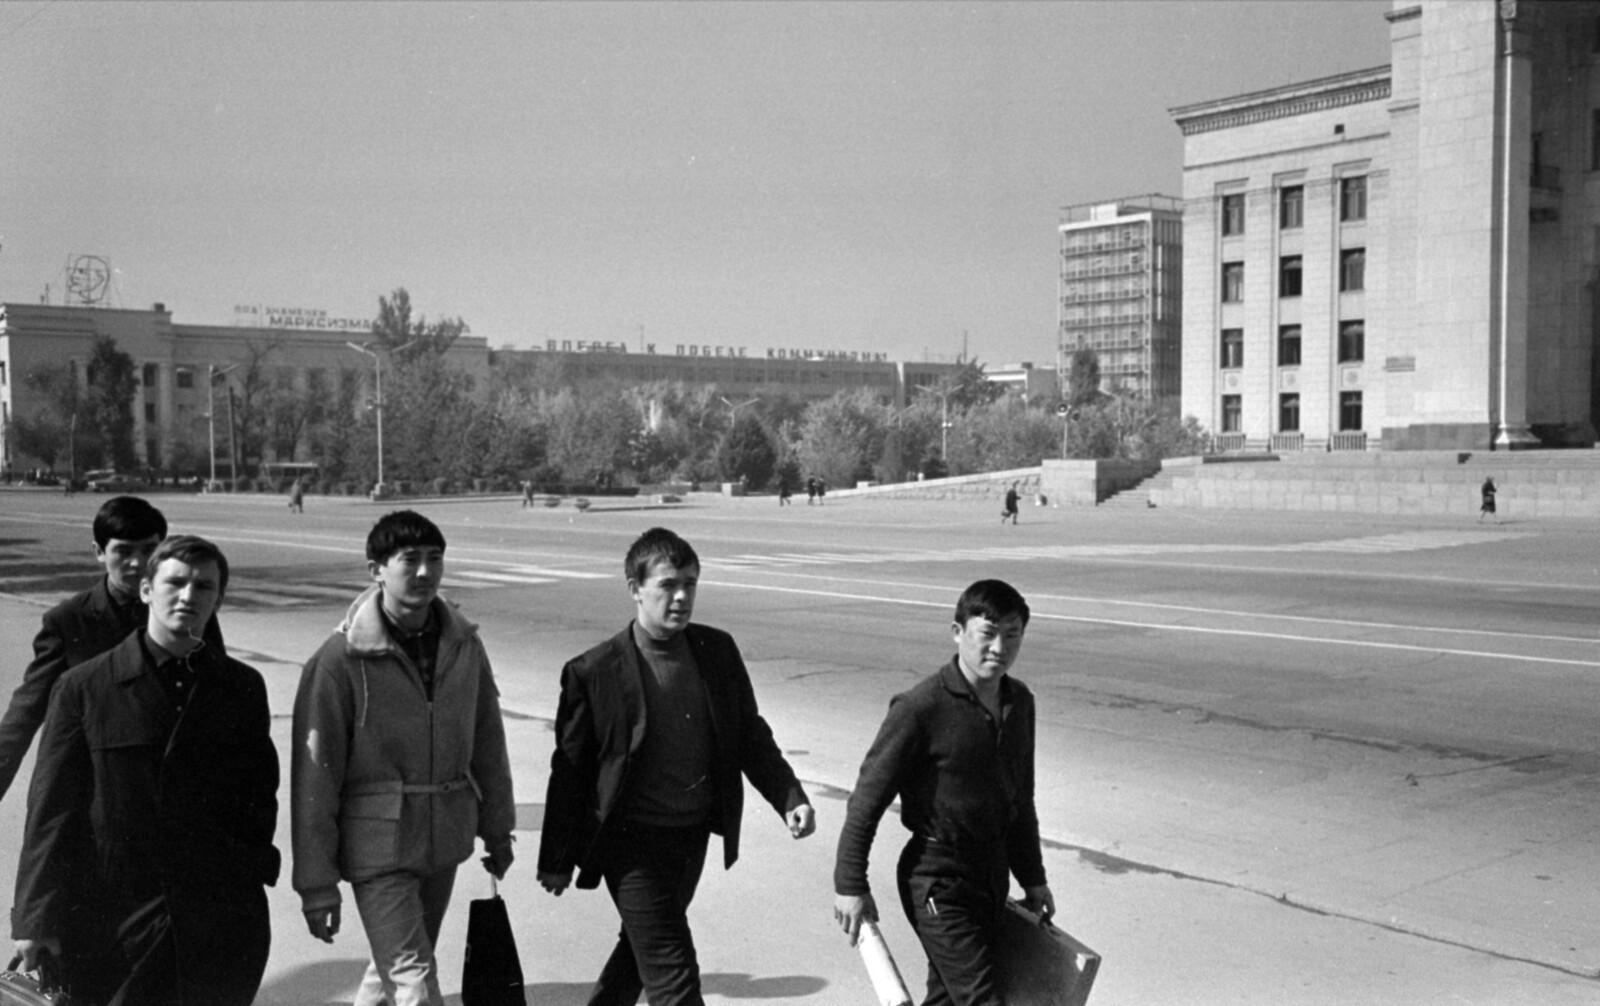 09. Алма-Ата. Площадь Ленина, справа - здание правительства Казахской ССР